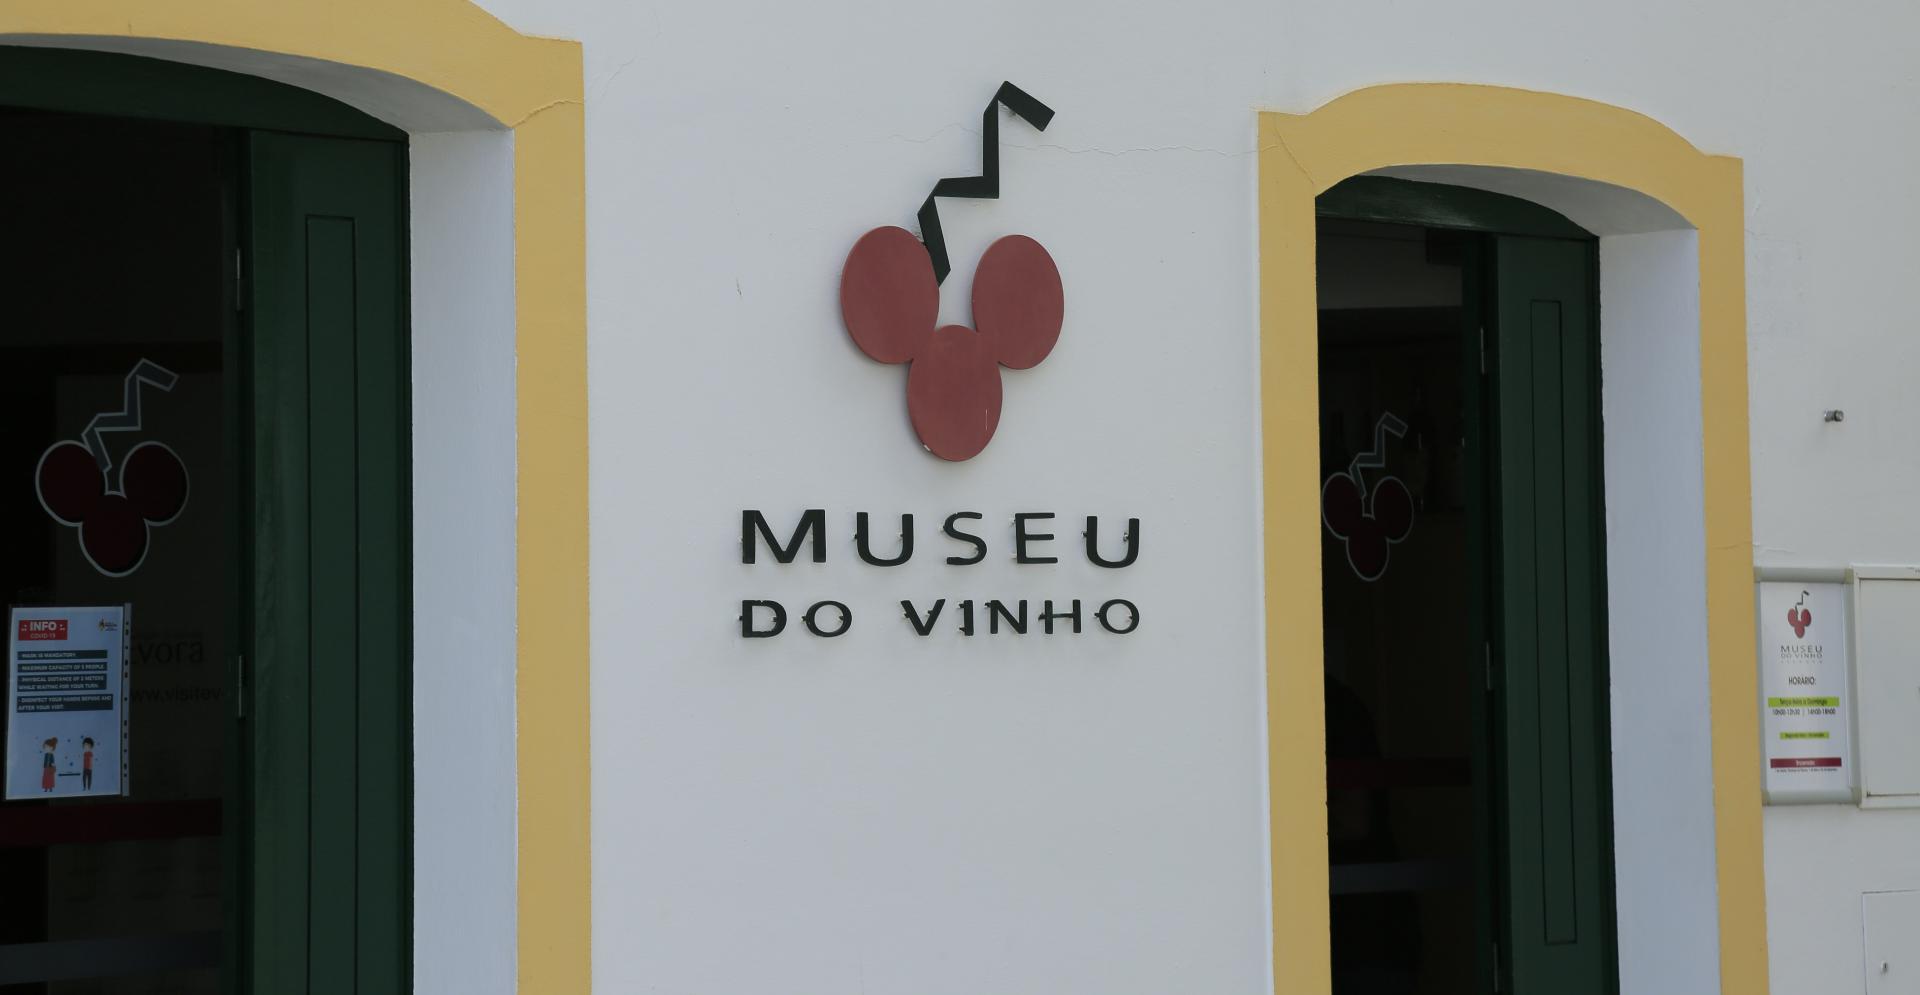 Museu do Vinho 0